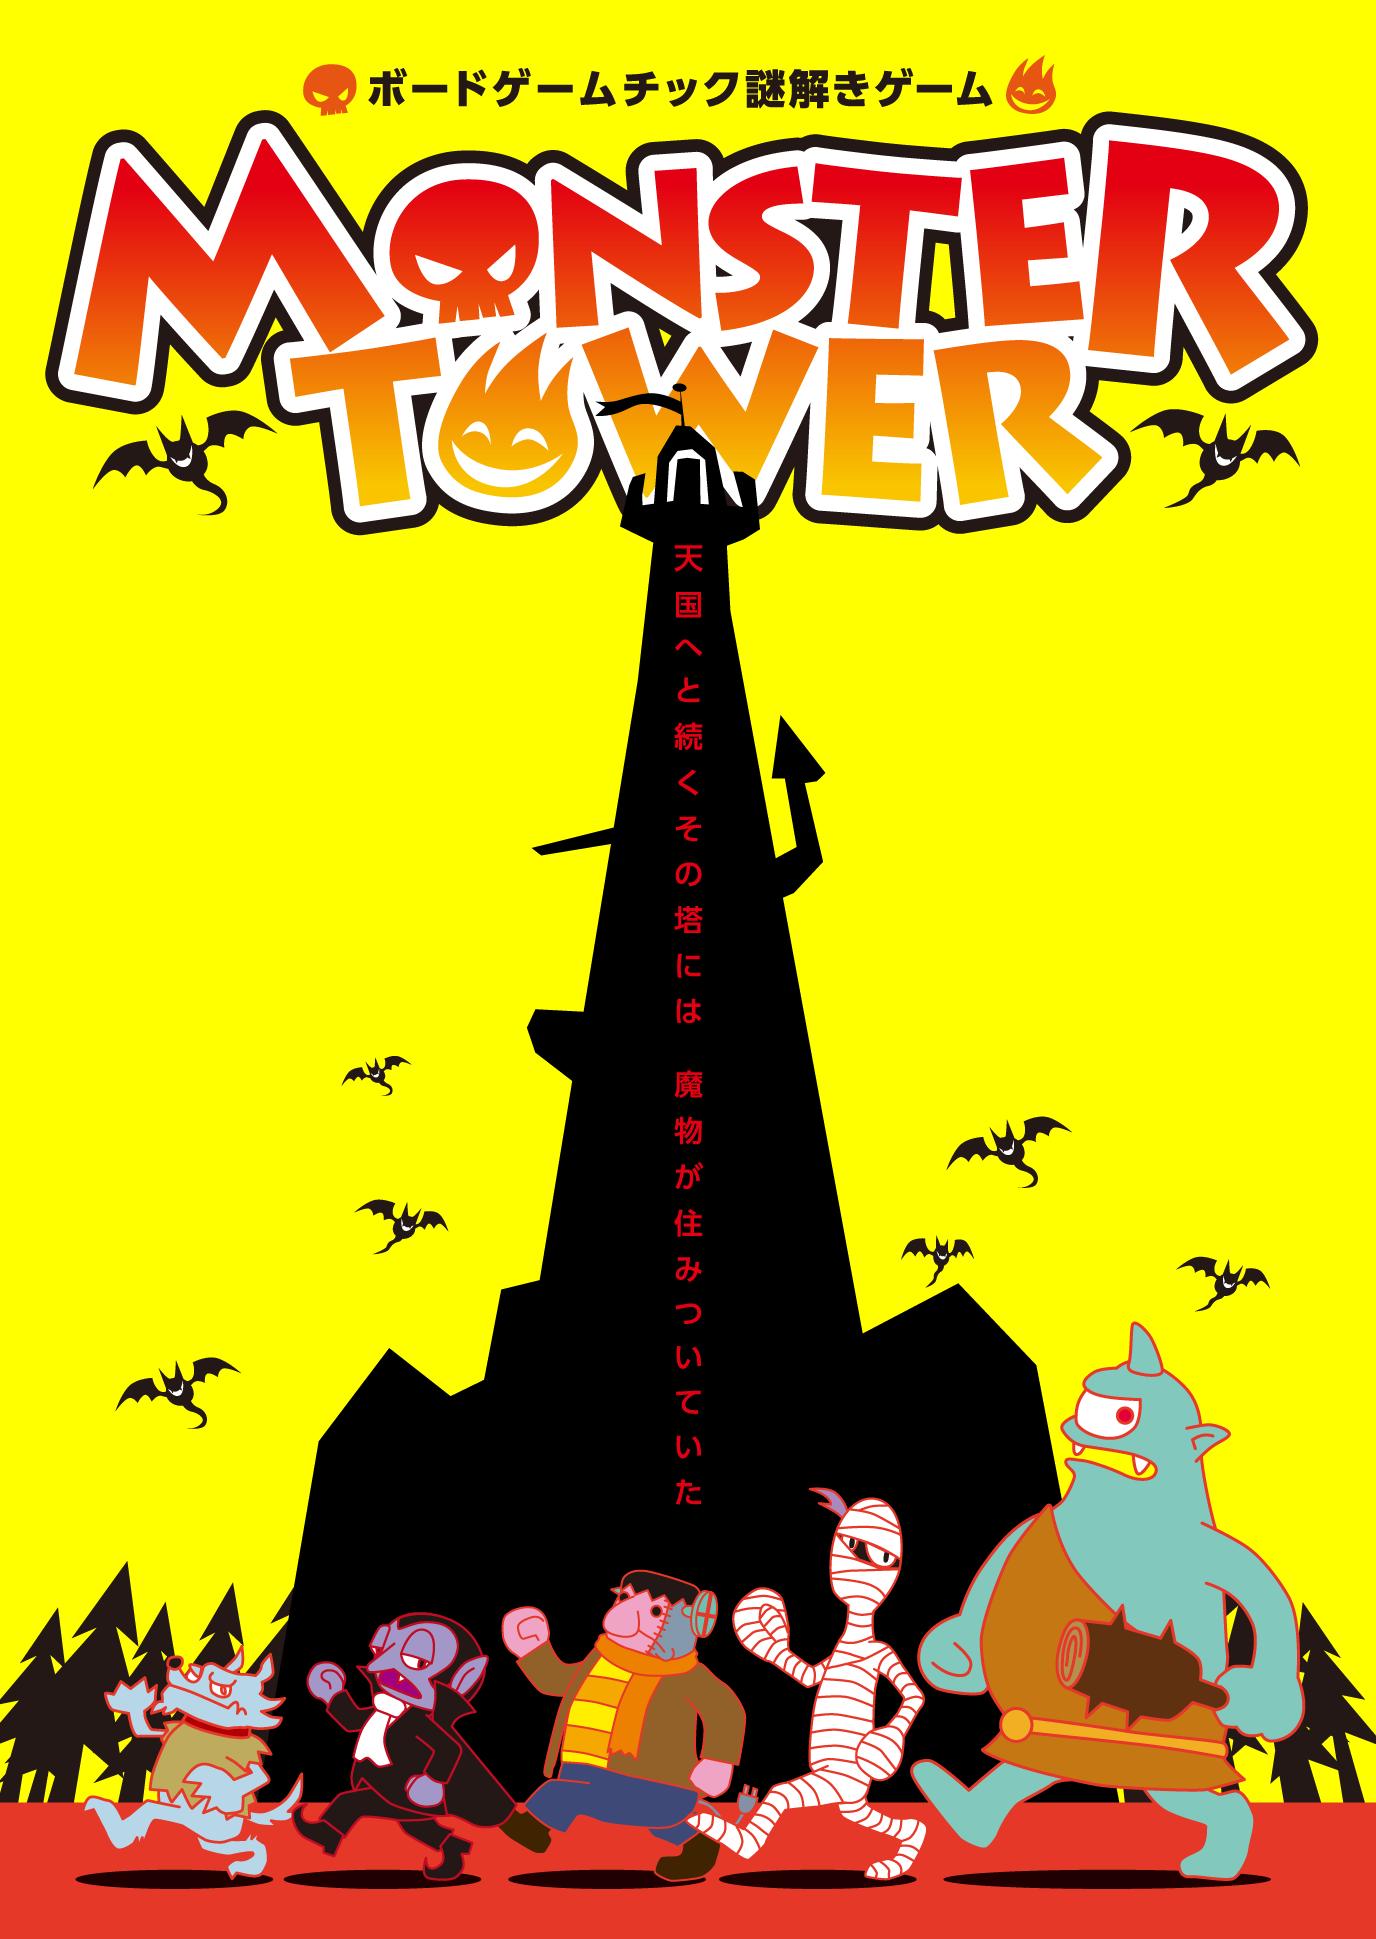 ボードゲームチック謎解きゲーム「MONSTER TOWER」【再演・通常チケット】